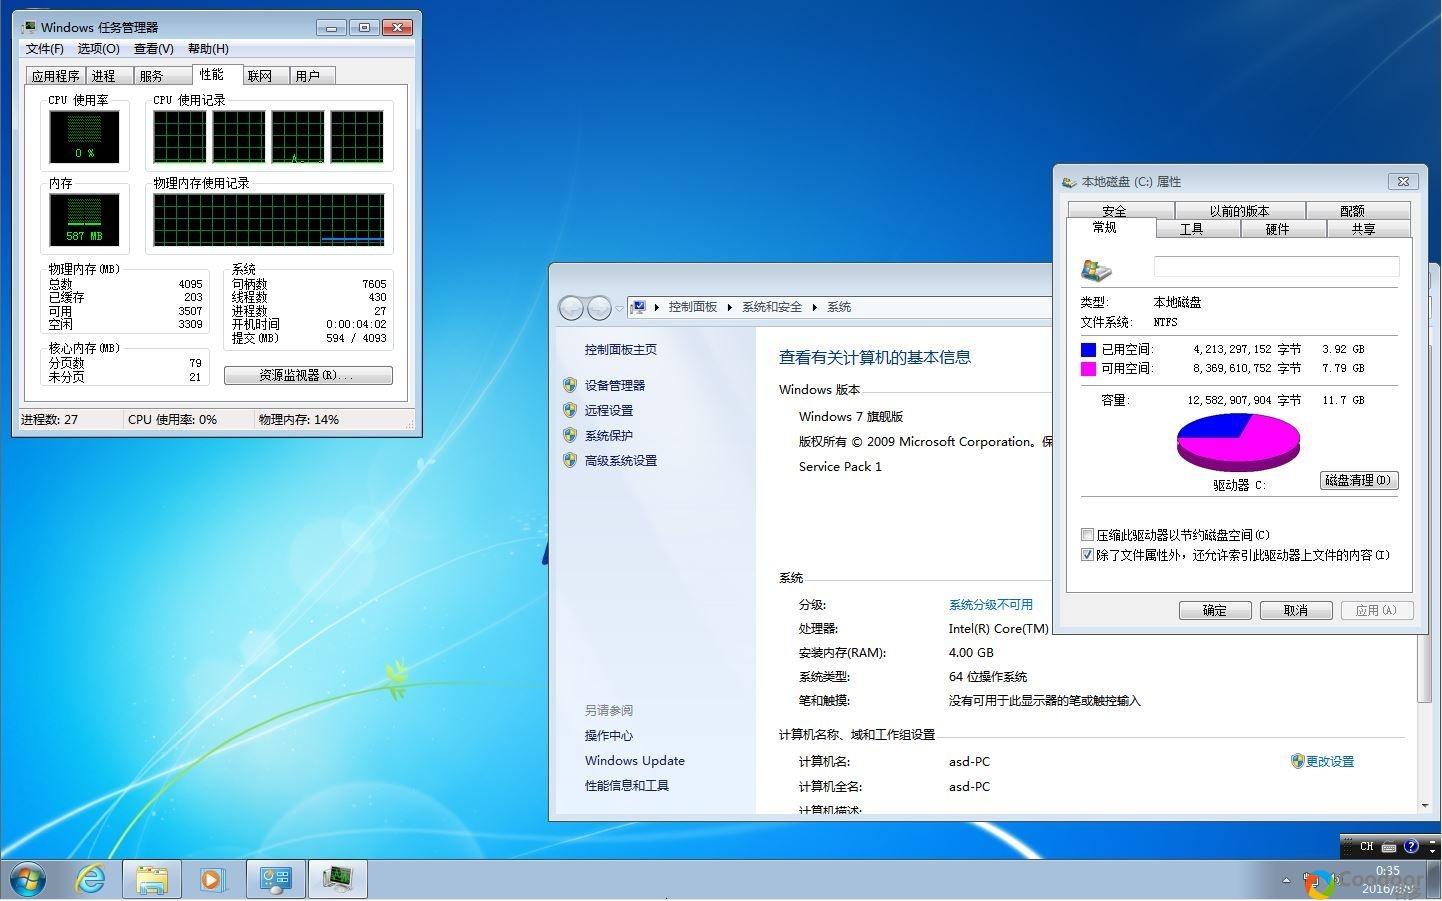 电脑软件-Windows7 SP1旗舰版精简版最终版本